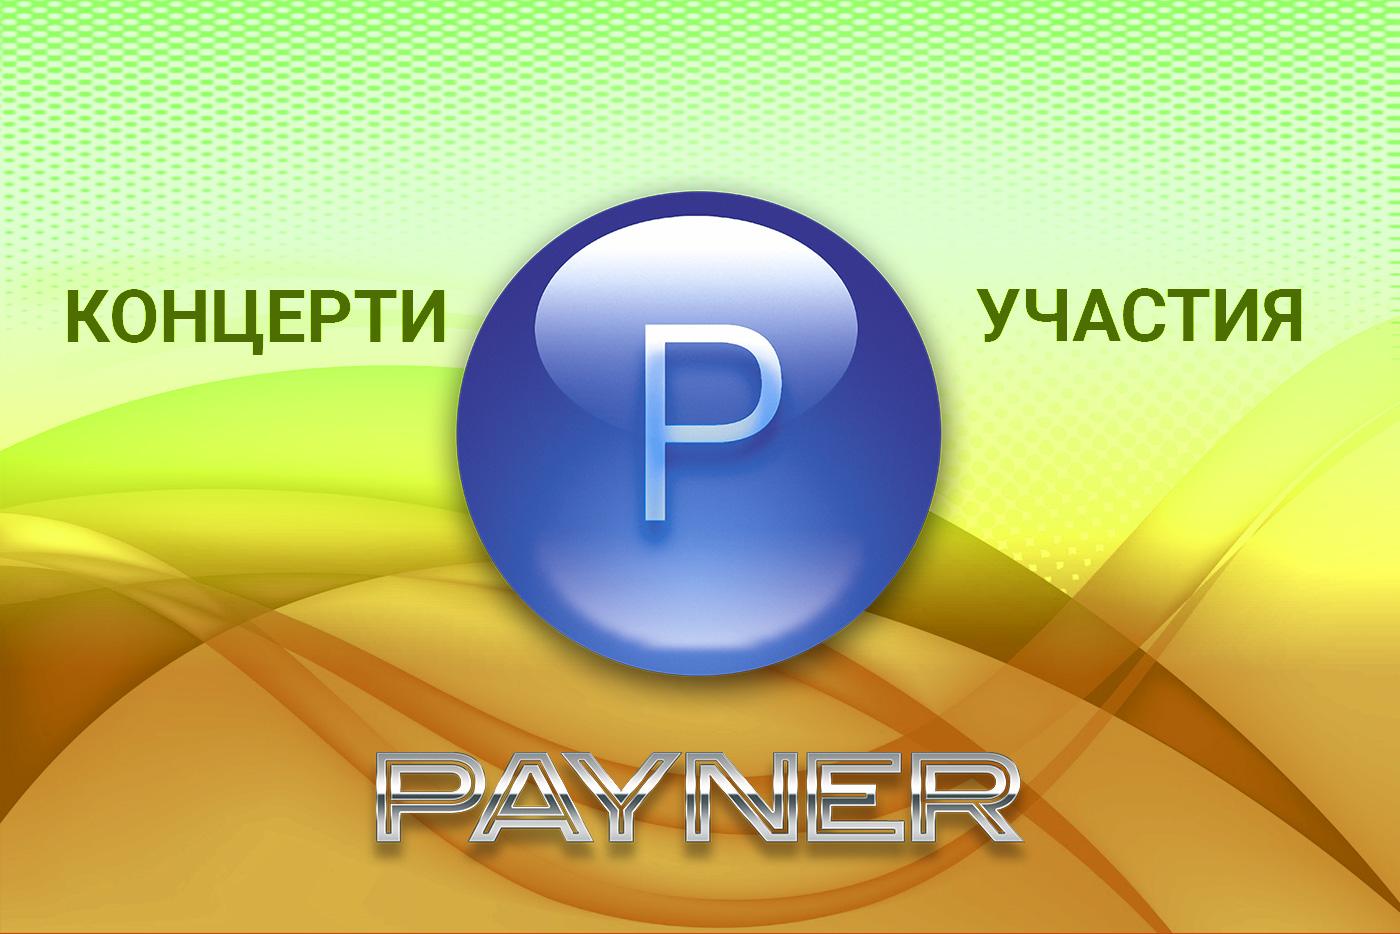 """Участия на звездите на """"Пайнер"""" на 15.12.2019"""